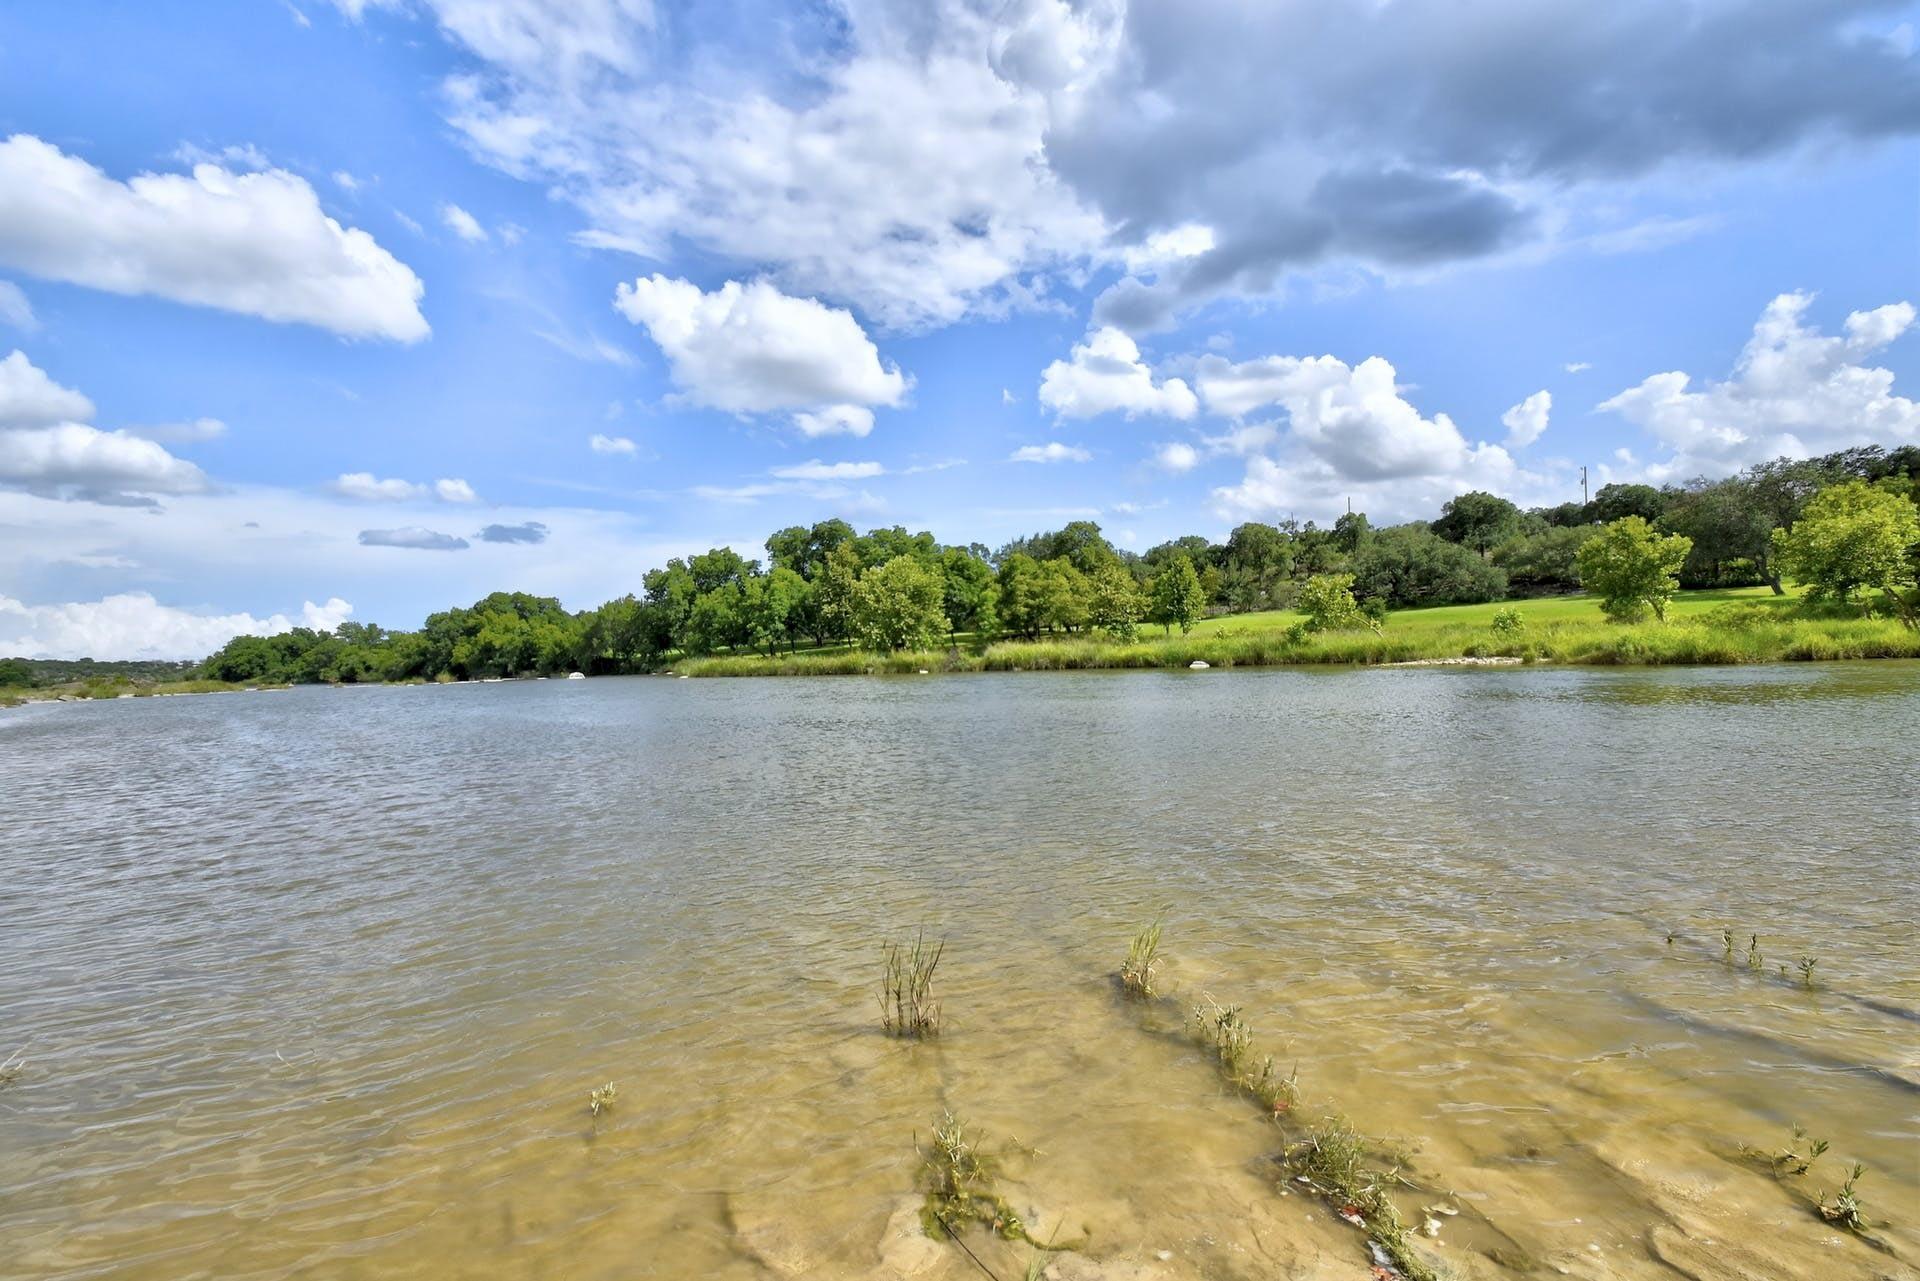 057-389594-Trails End River Park_005_10473958